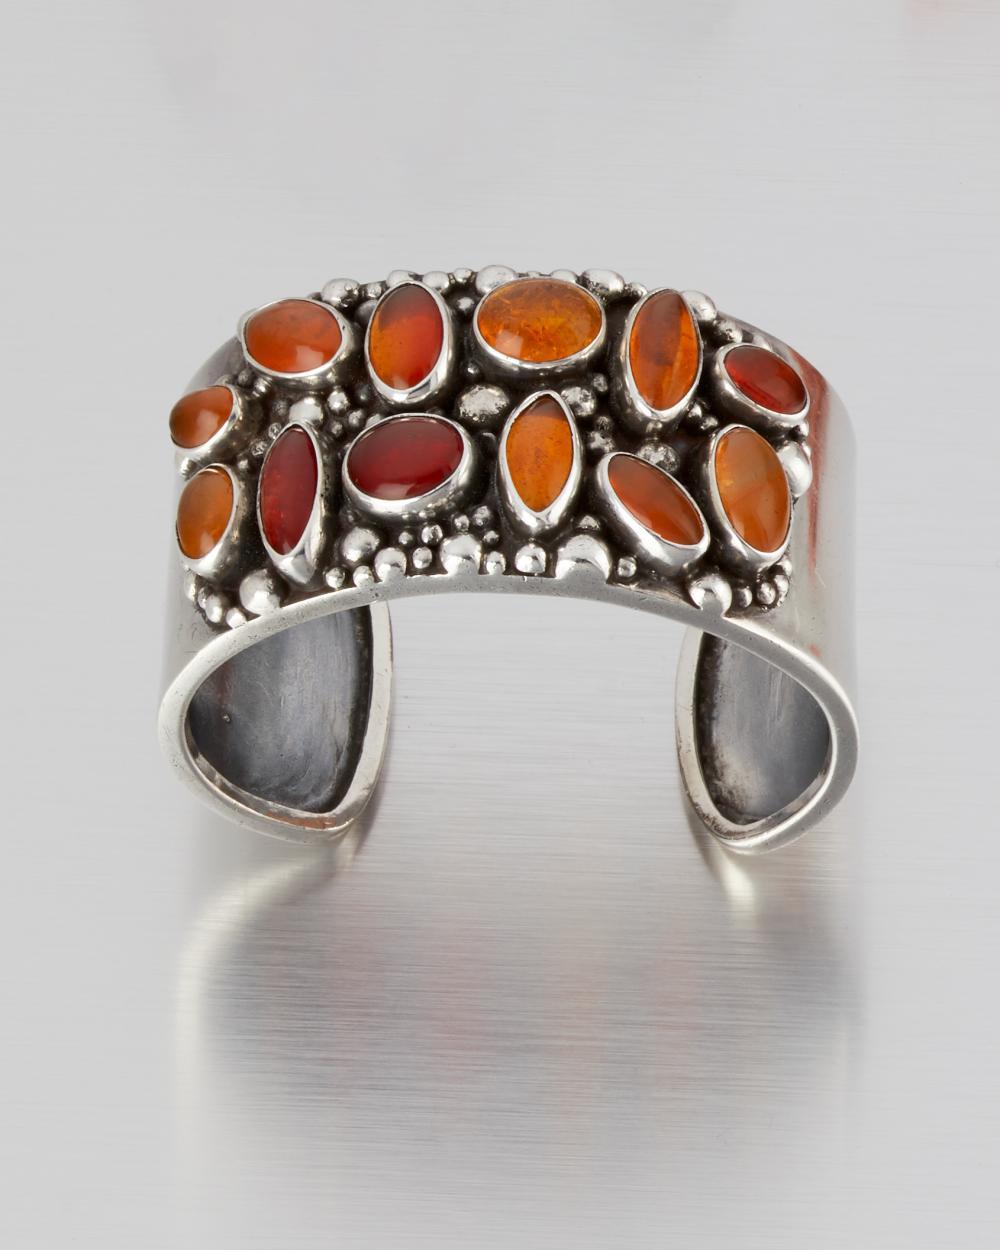 A Carmen Beckmann silver and fire opal cuff bracelet